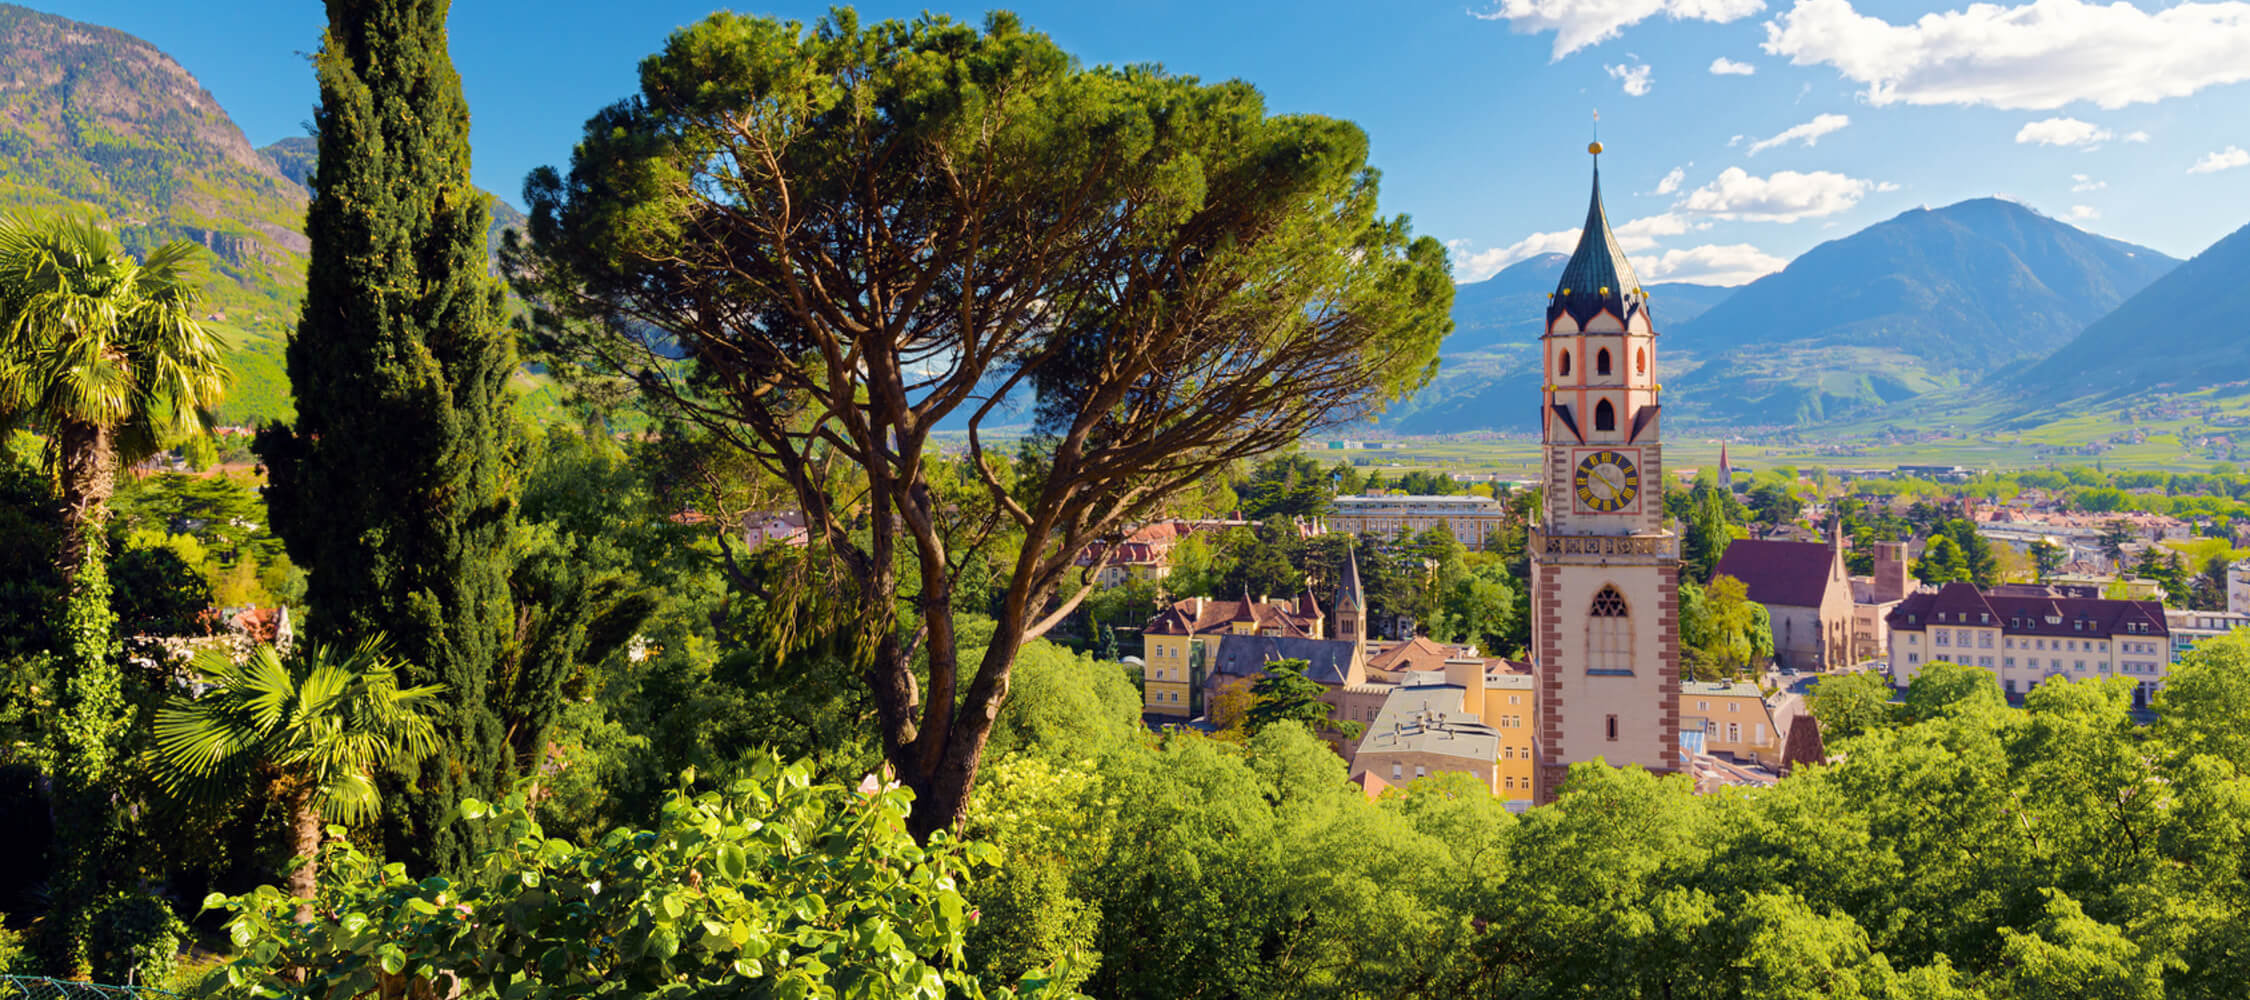 Italien-Trentino_Suedtirol_Alto_Adige_Merano_Meran_Natur_Tappeinerweg_Panorama_77608562_2250x1000